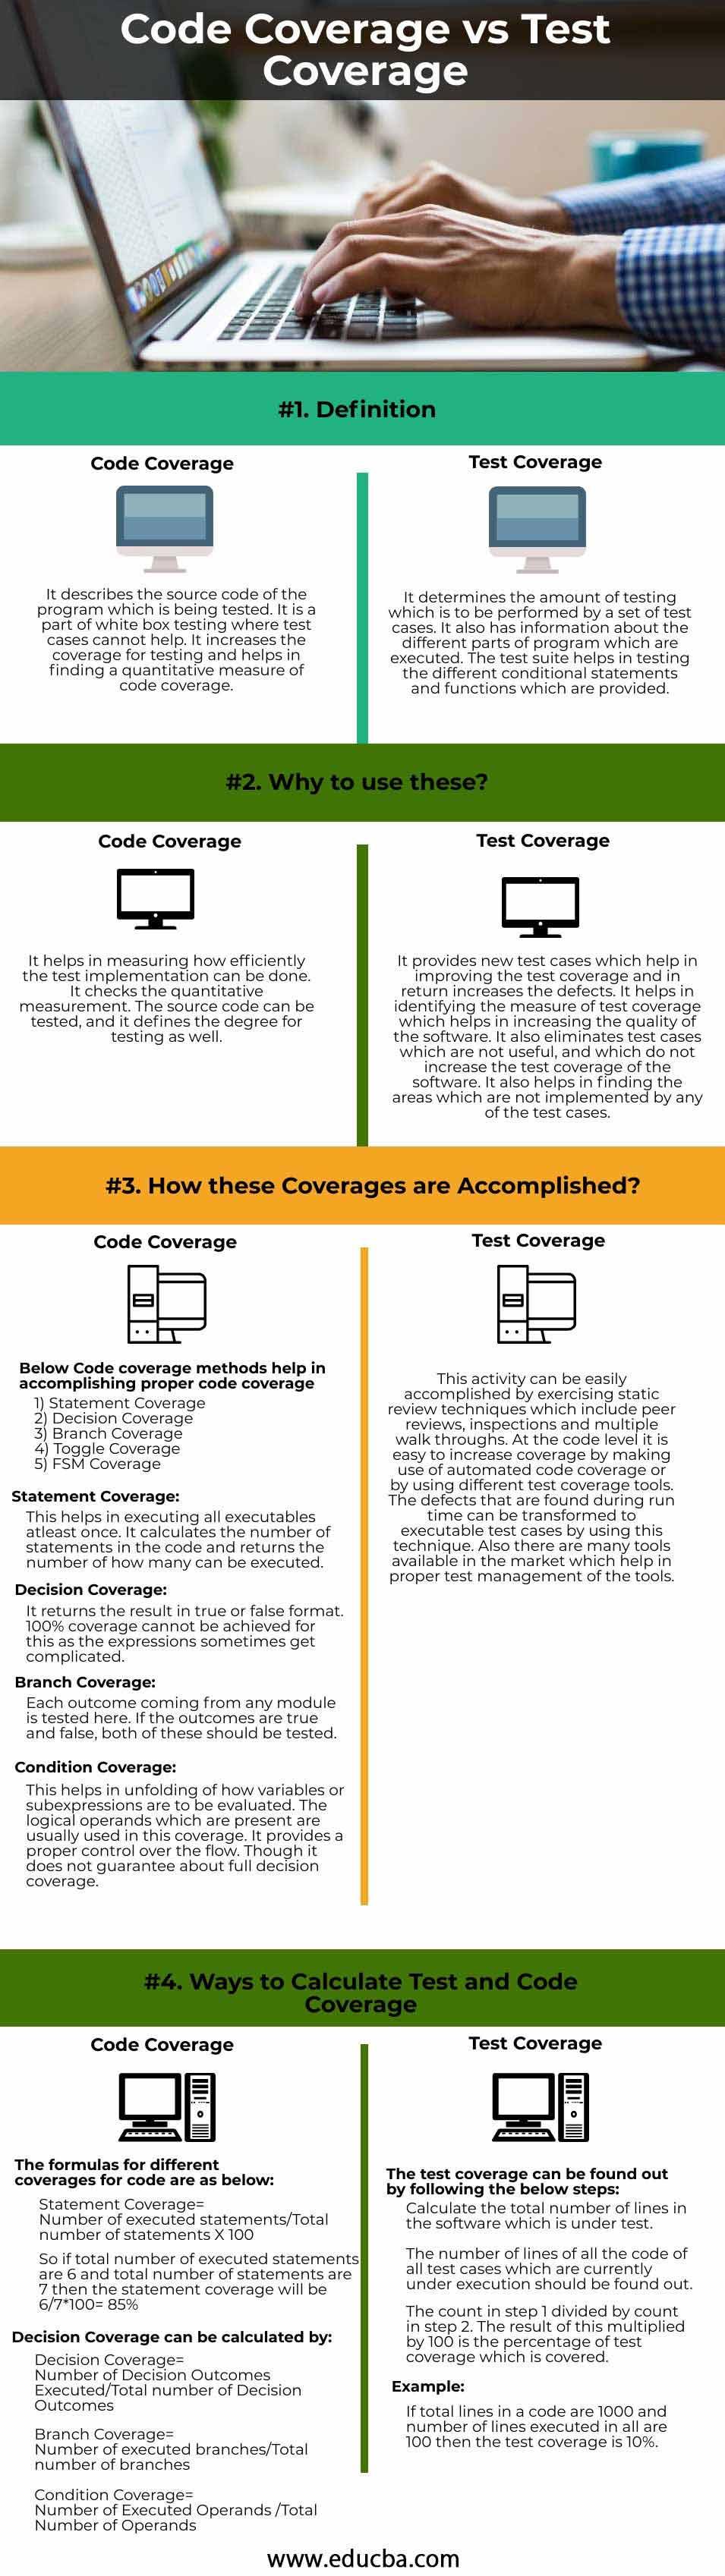 Code-Coverage-vs-Test-Coverage-info